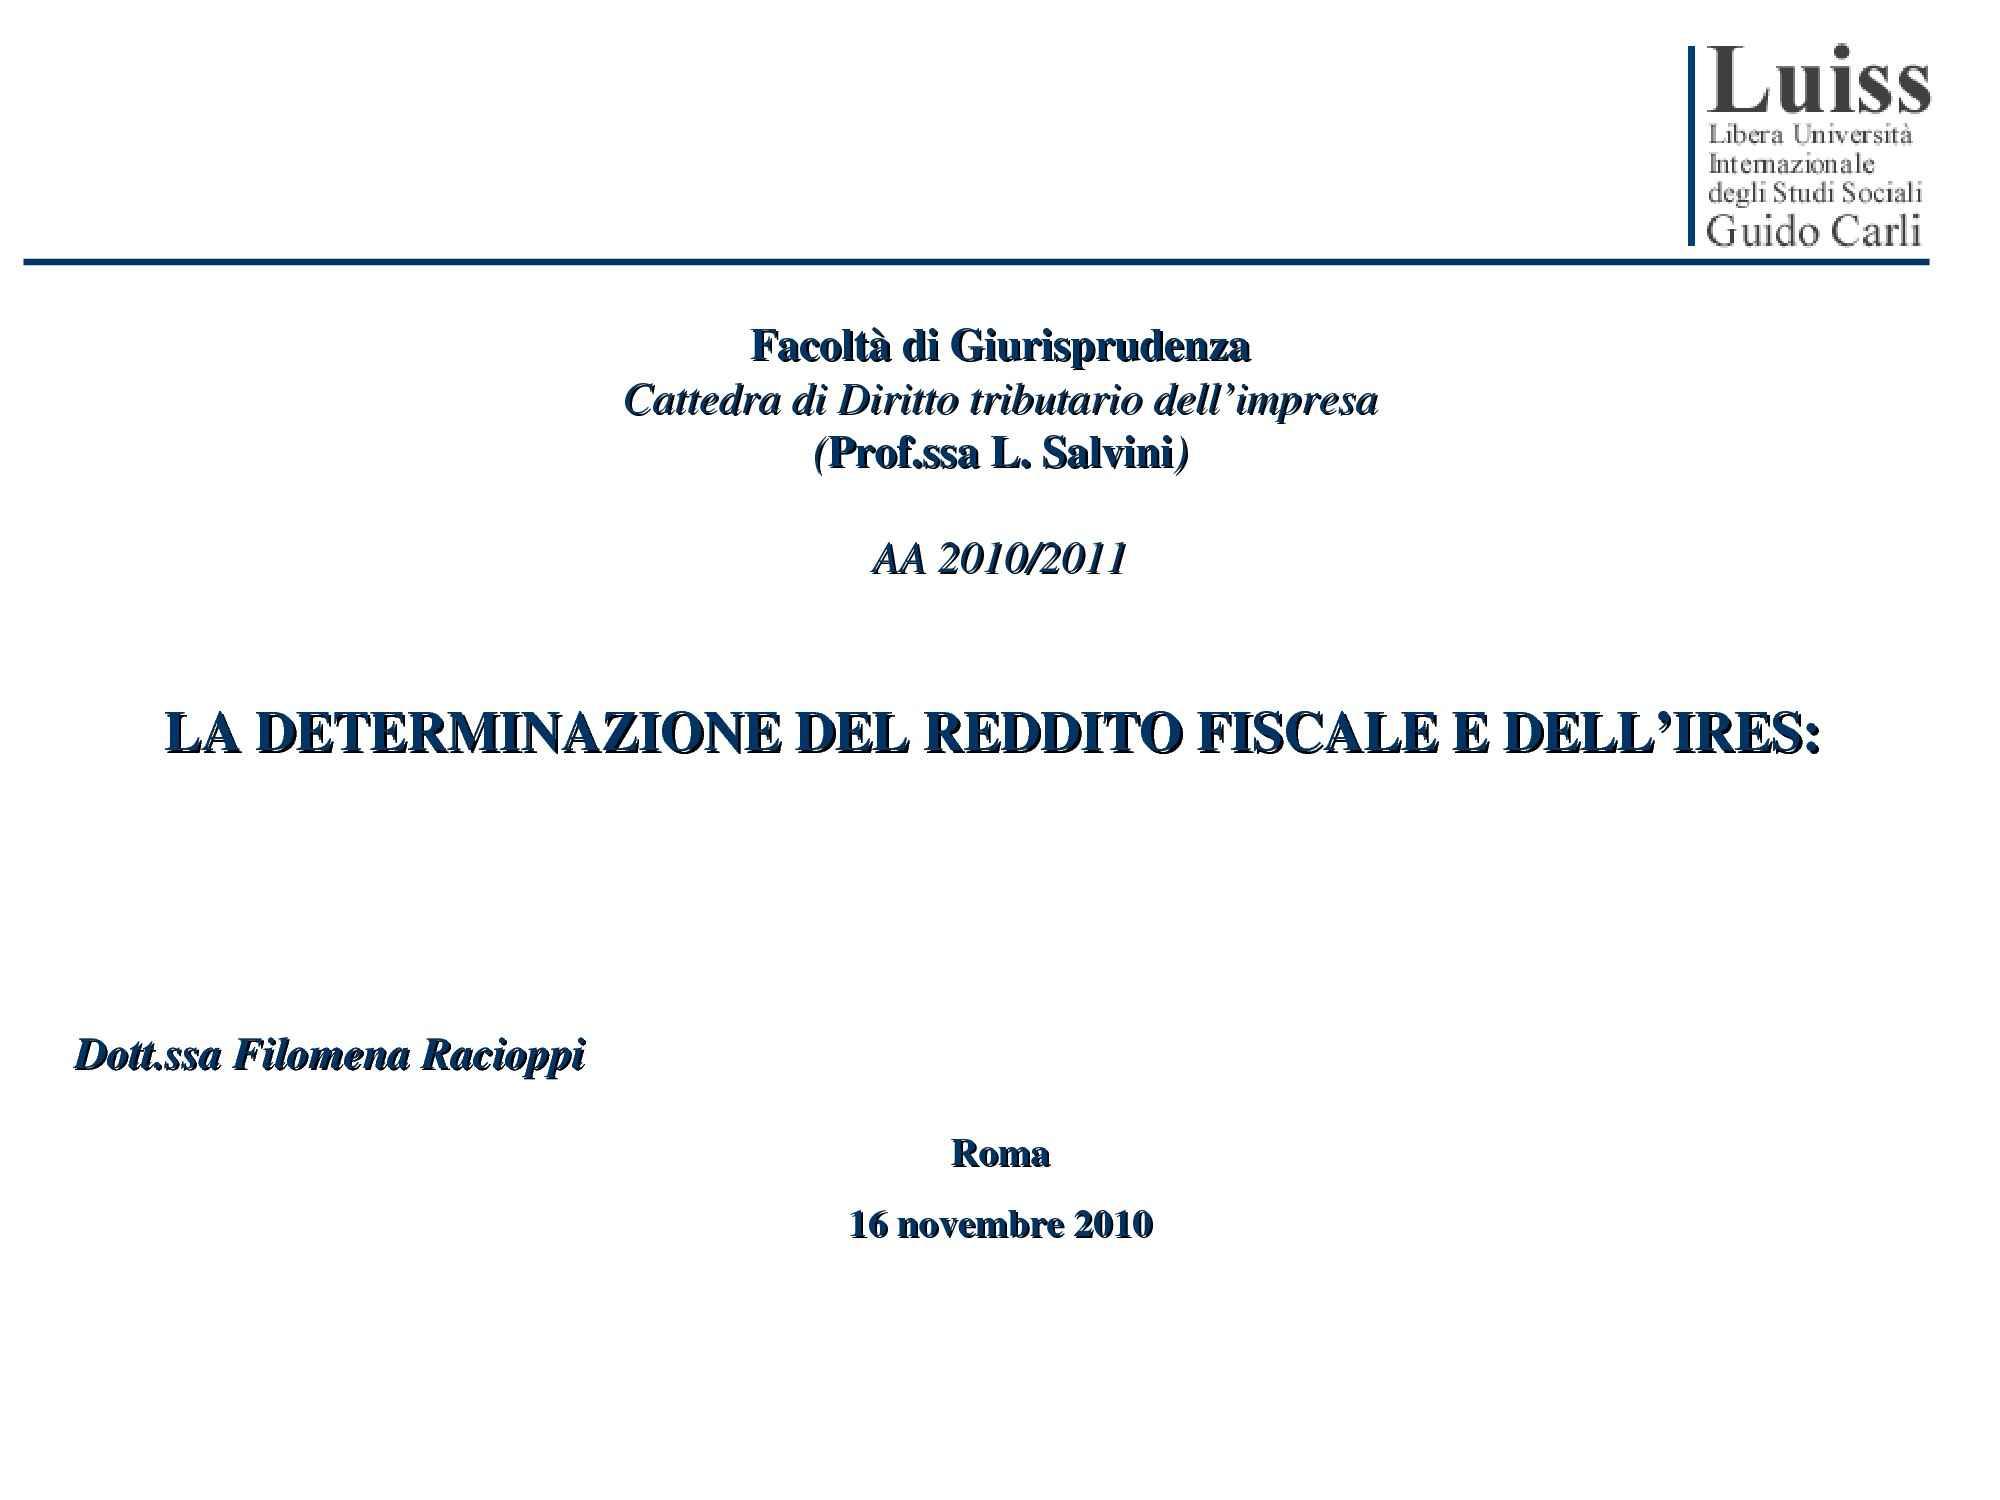 Determinazione reddito fiscale e Ires